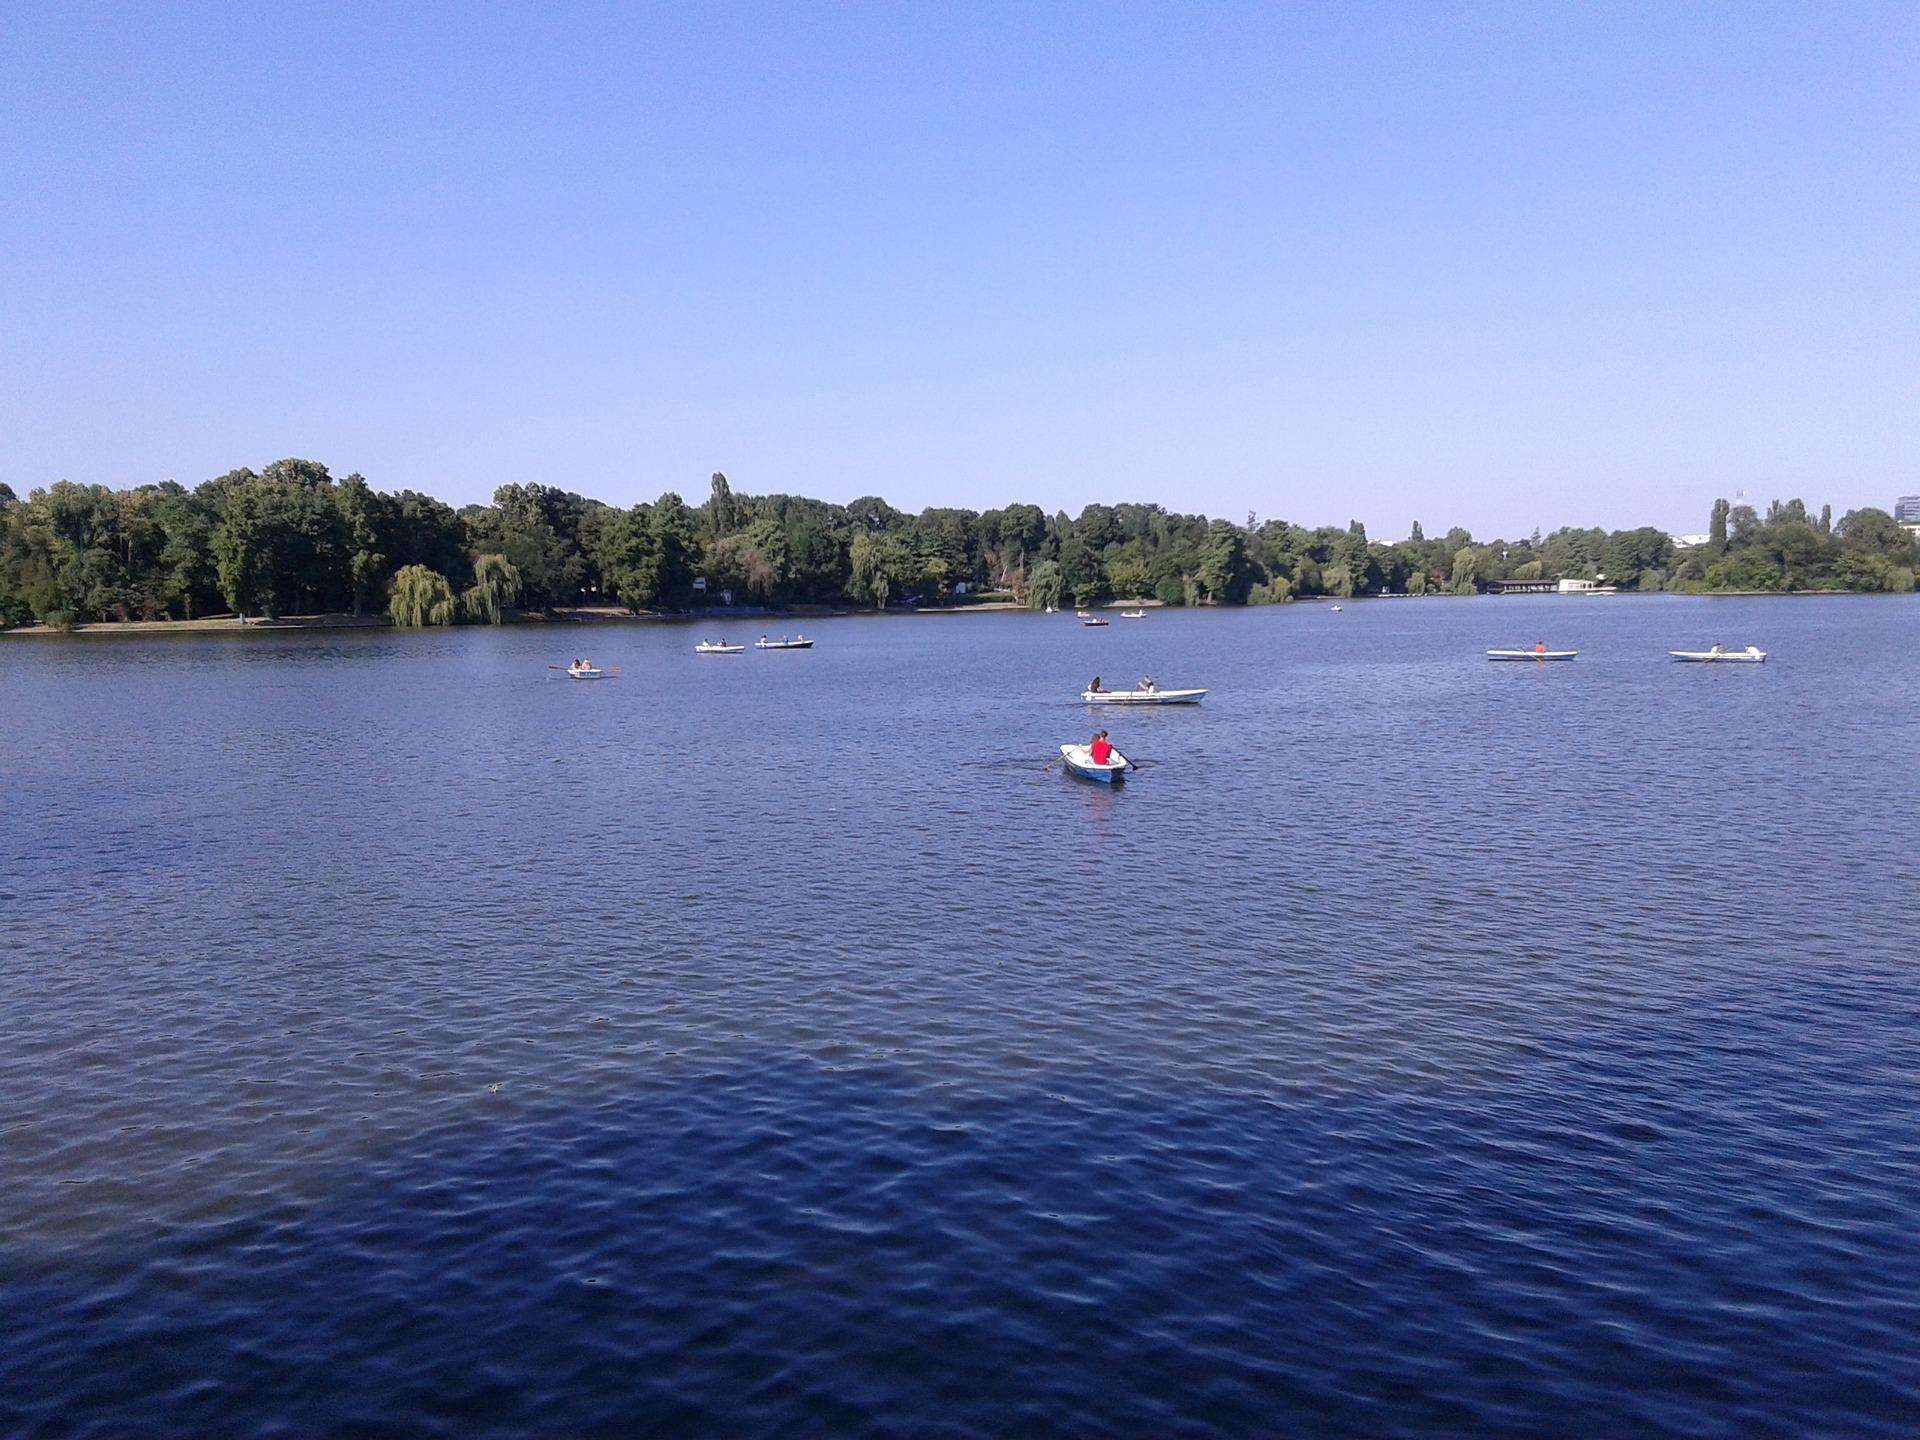 Lake Herăstrău, Herăstrău Park, Bucharest, Romania